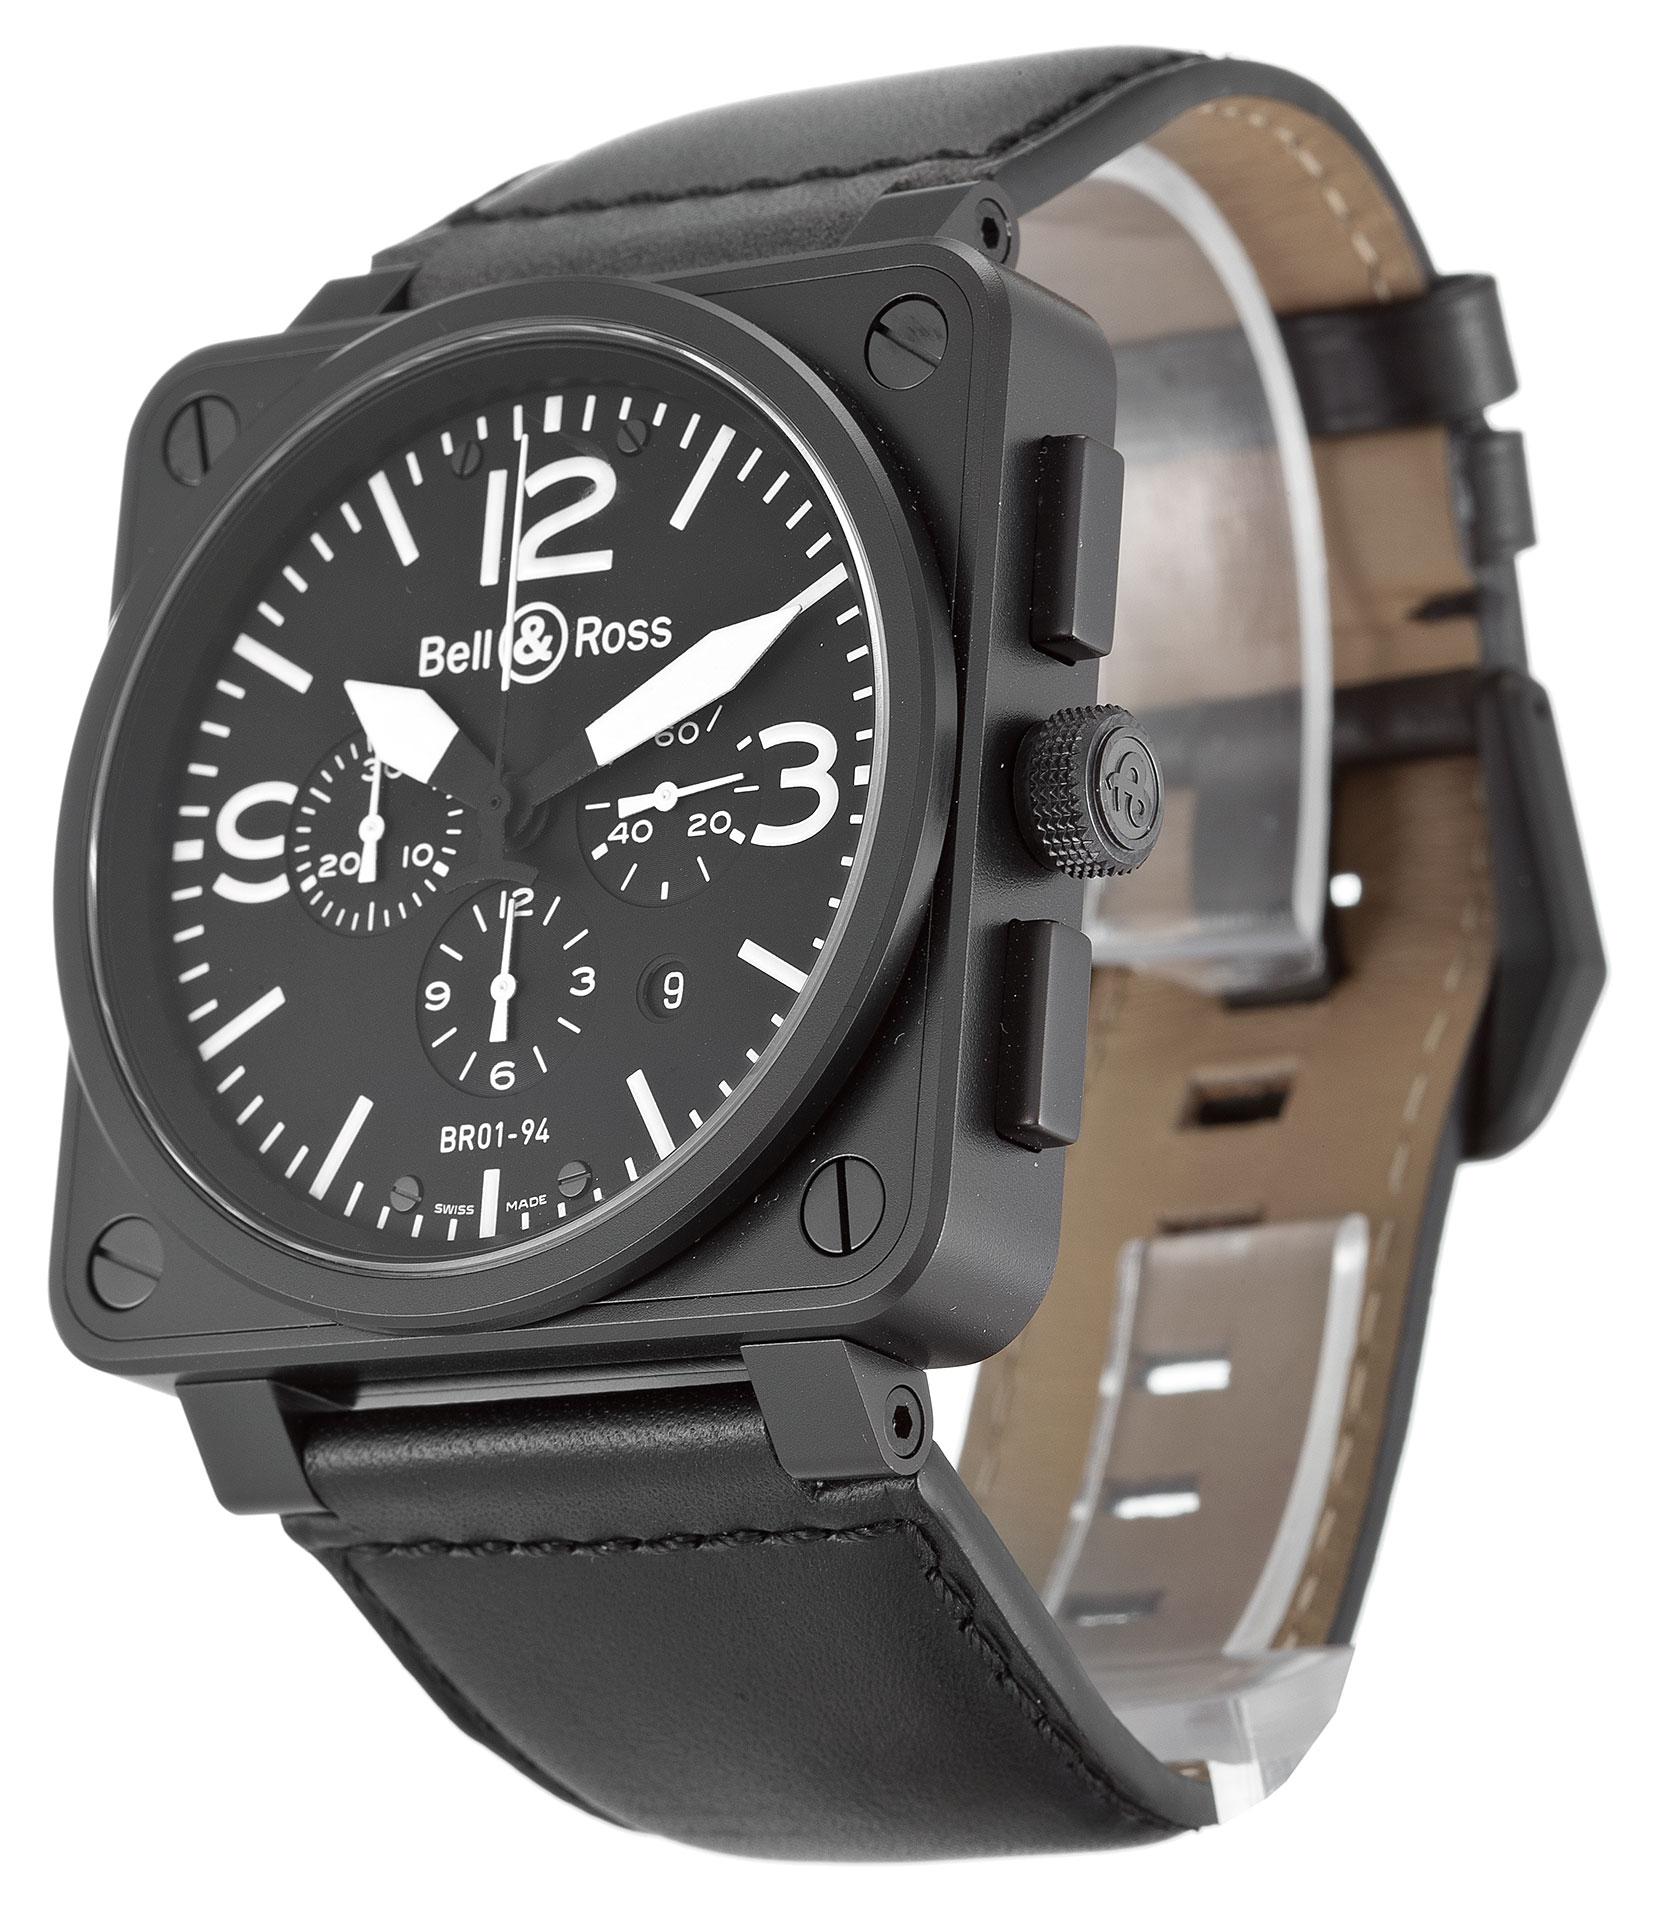 c62baf801cc2 manos de barrido replicas de relojes – replicas de relojes de lujo ...